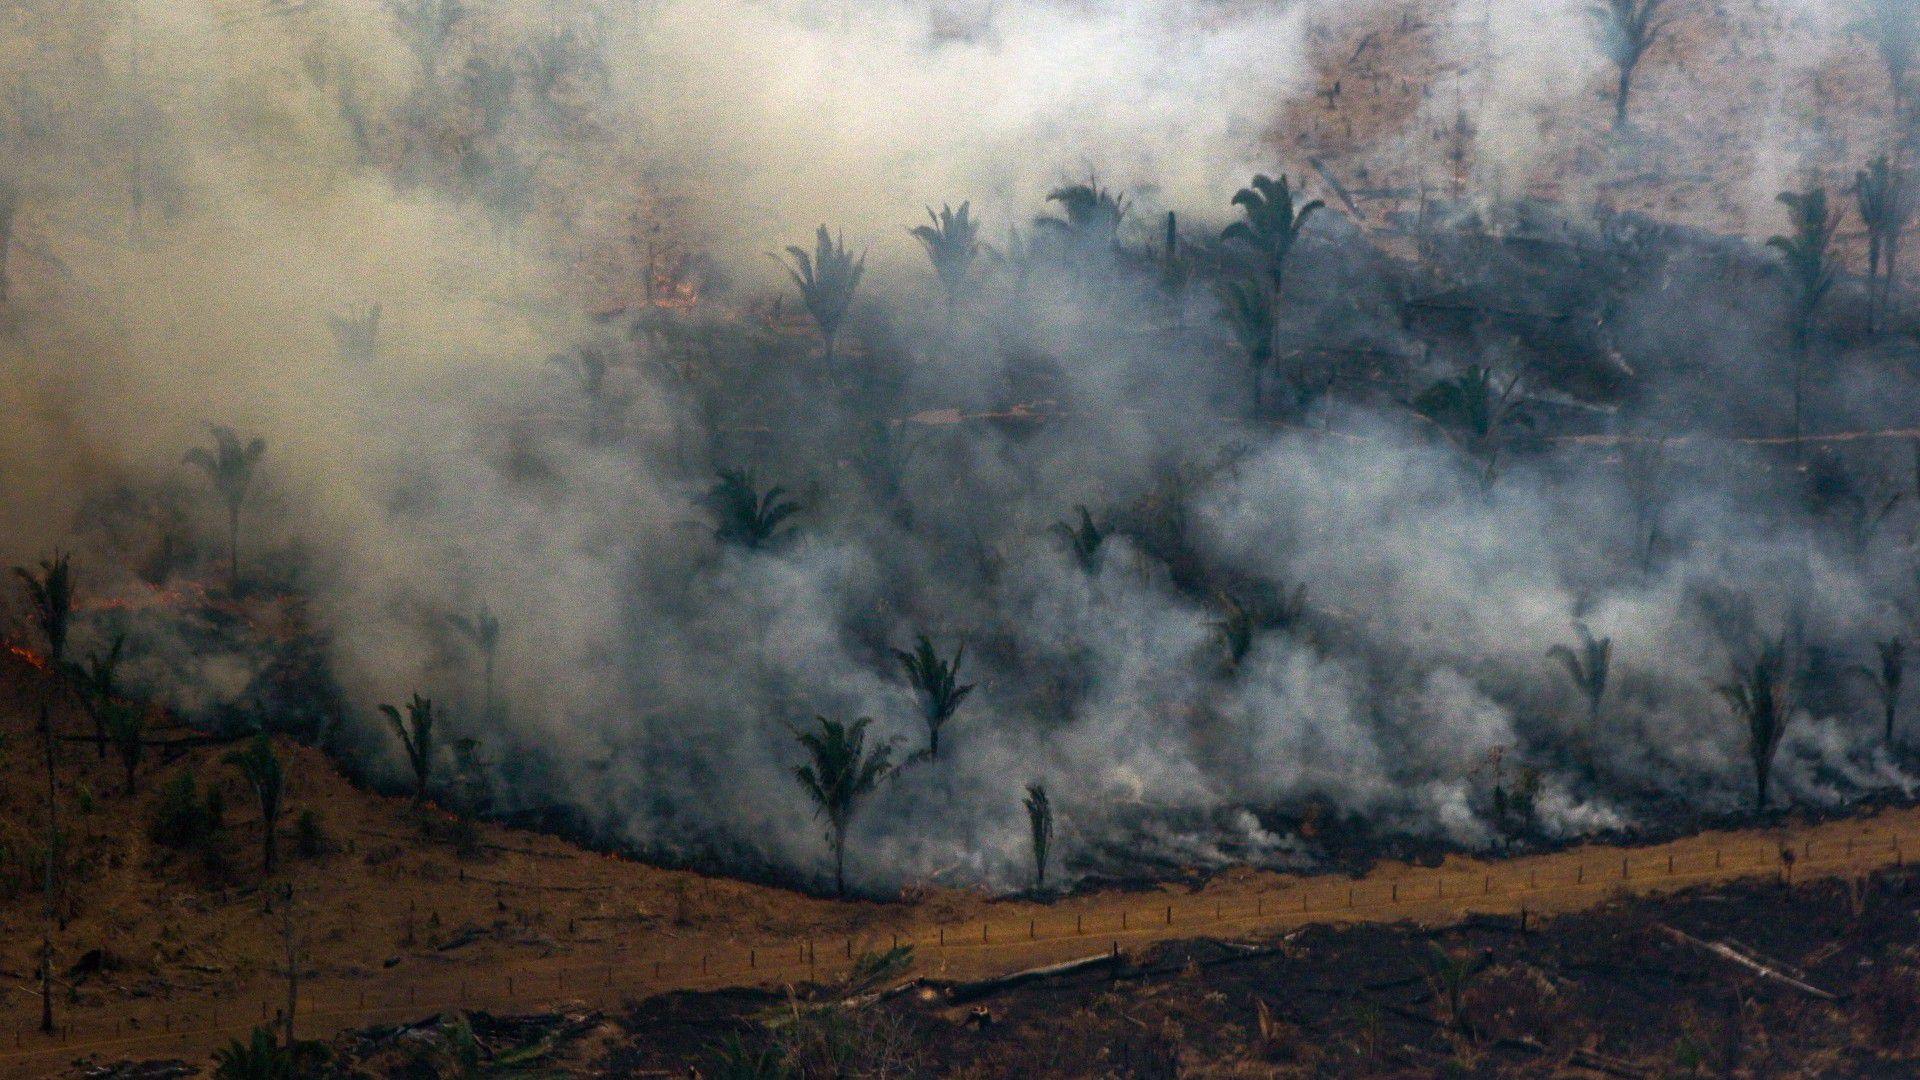 Vista aérea de los incendios en Boca do Acre, estado de Amazonas (AFP)